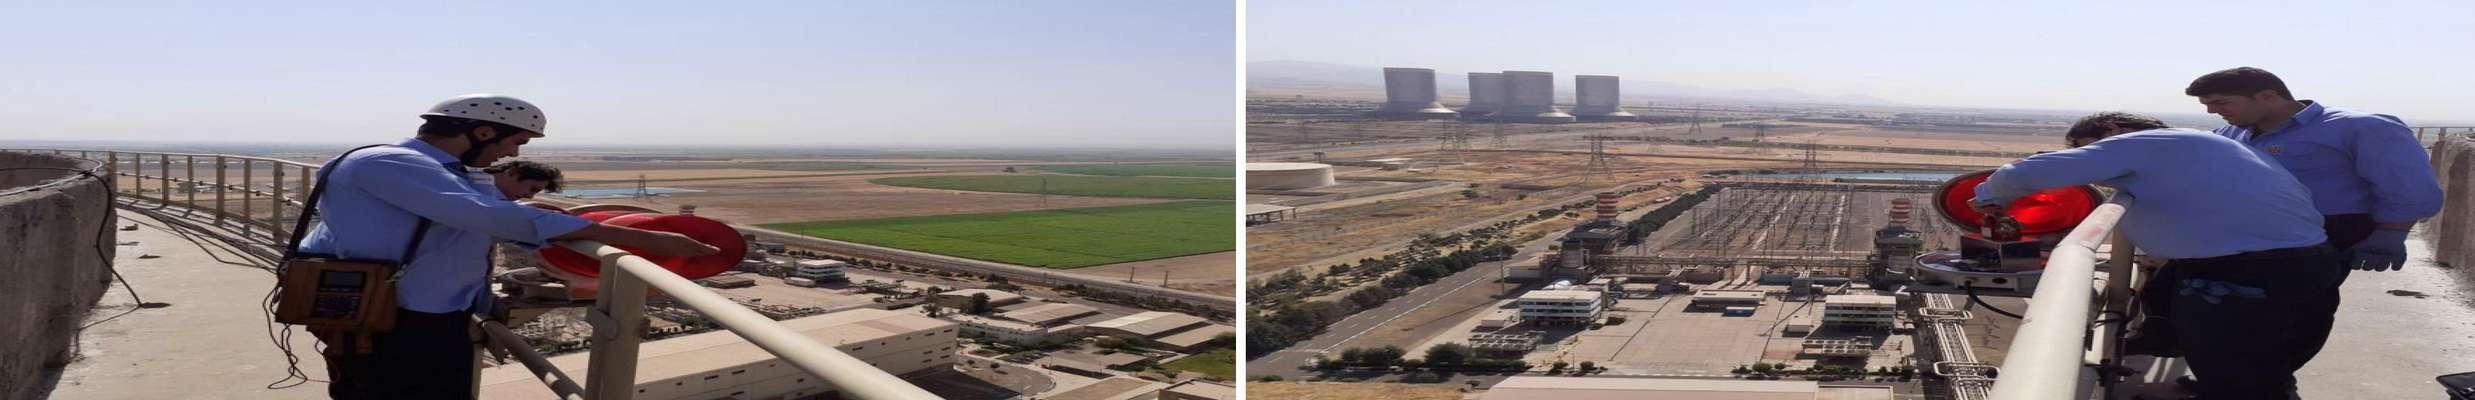 از سوی گروه ایمنی نیروگاه شهید رجایی قزوین انجام شد/ تعویض چراغ های هشداردهنده برج های خنک کننده اصلی